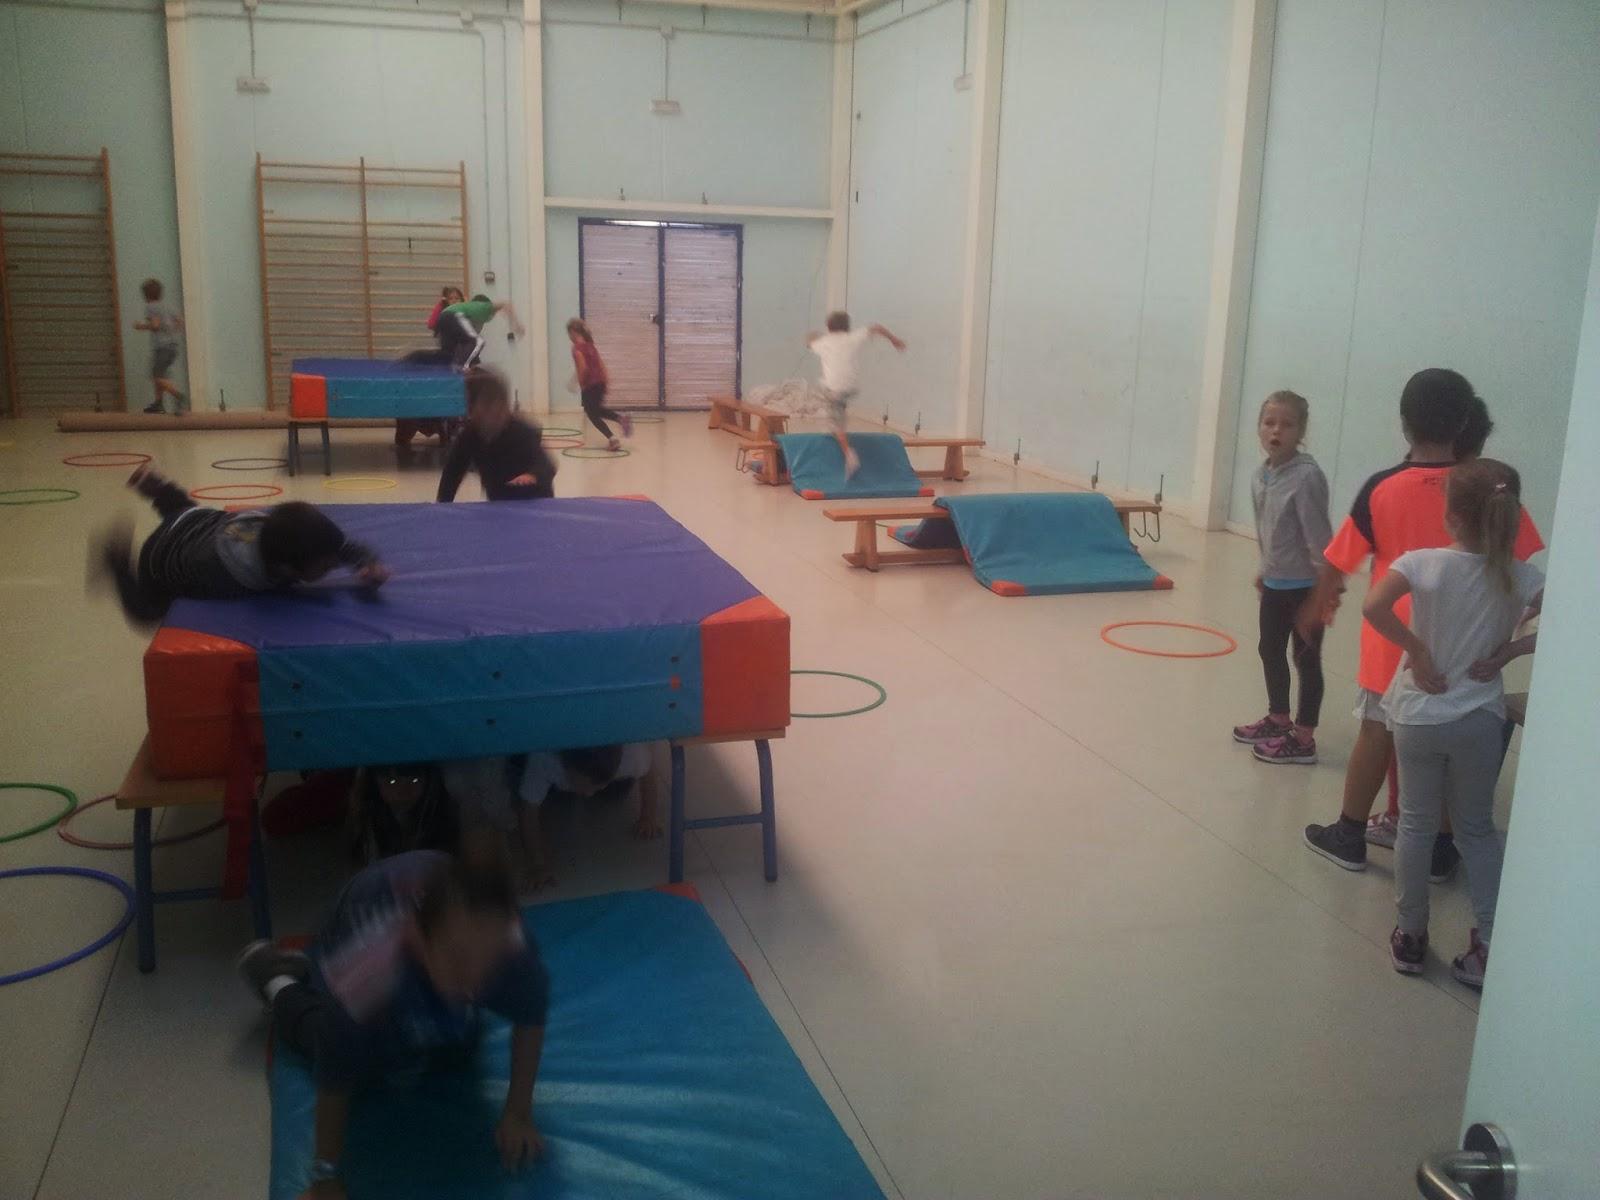 Ceip isdabe del mar unidad did ctica de juegos en el gimnasio for Gimnasio 60 entre 8 y 9